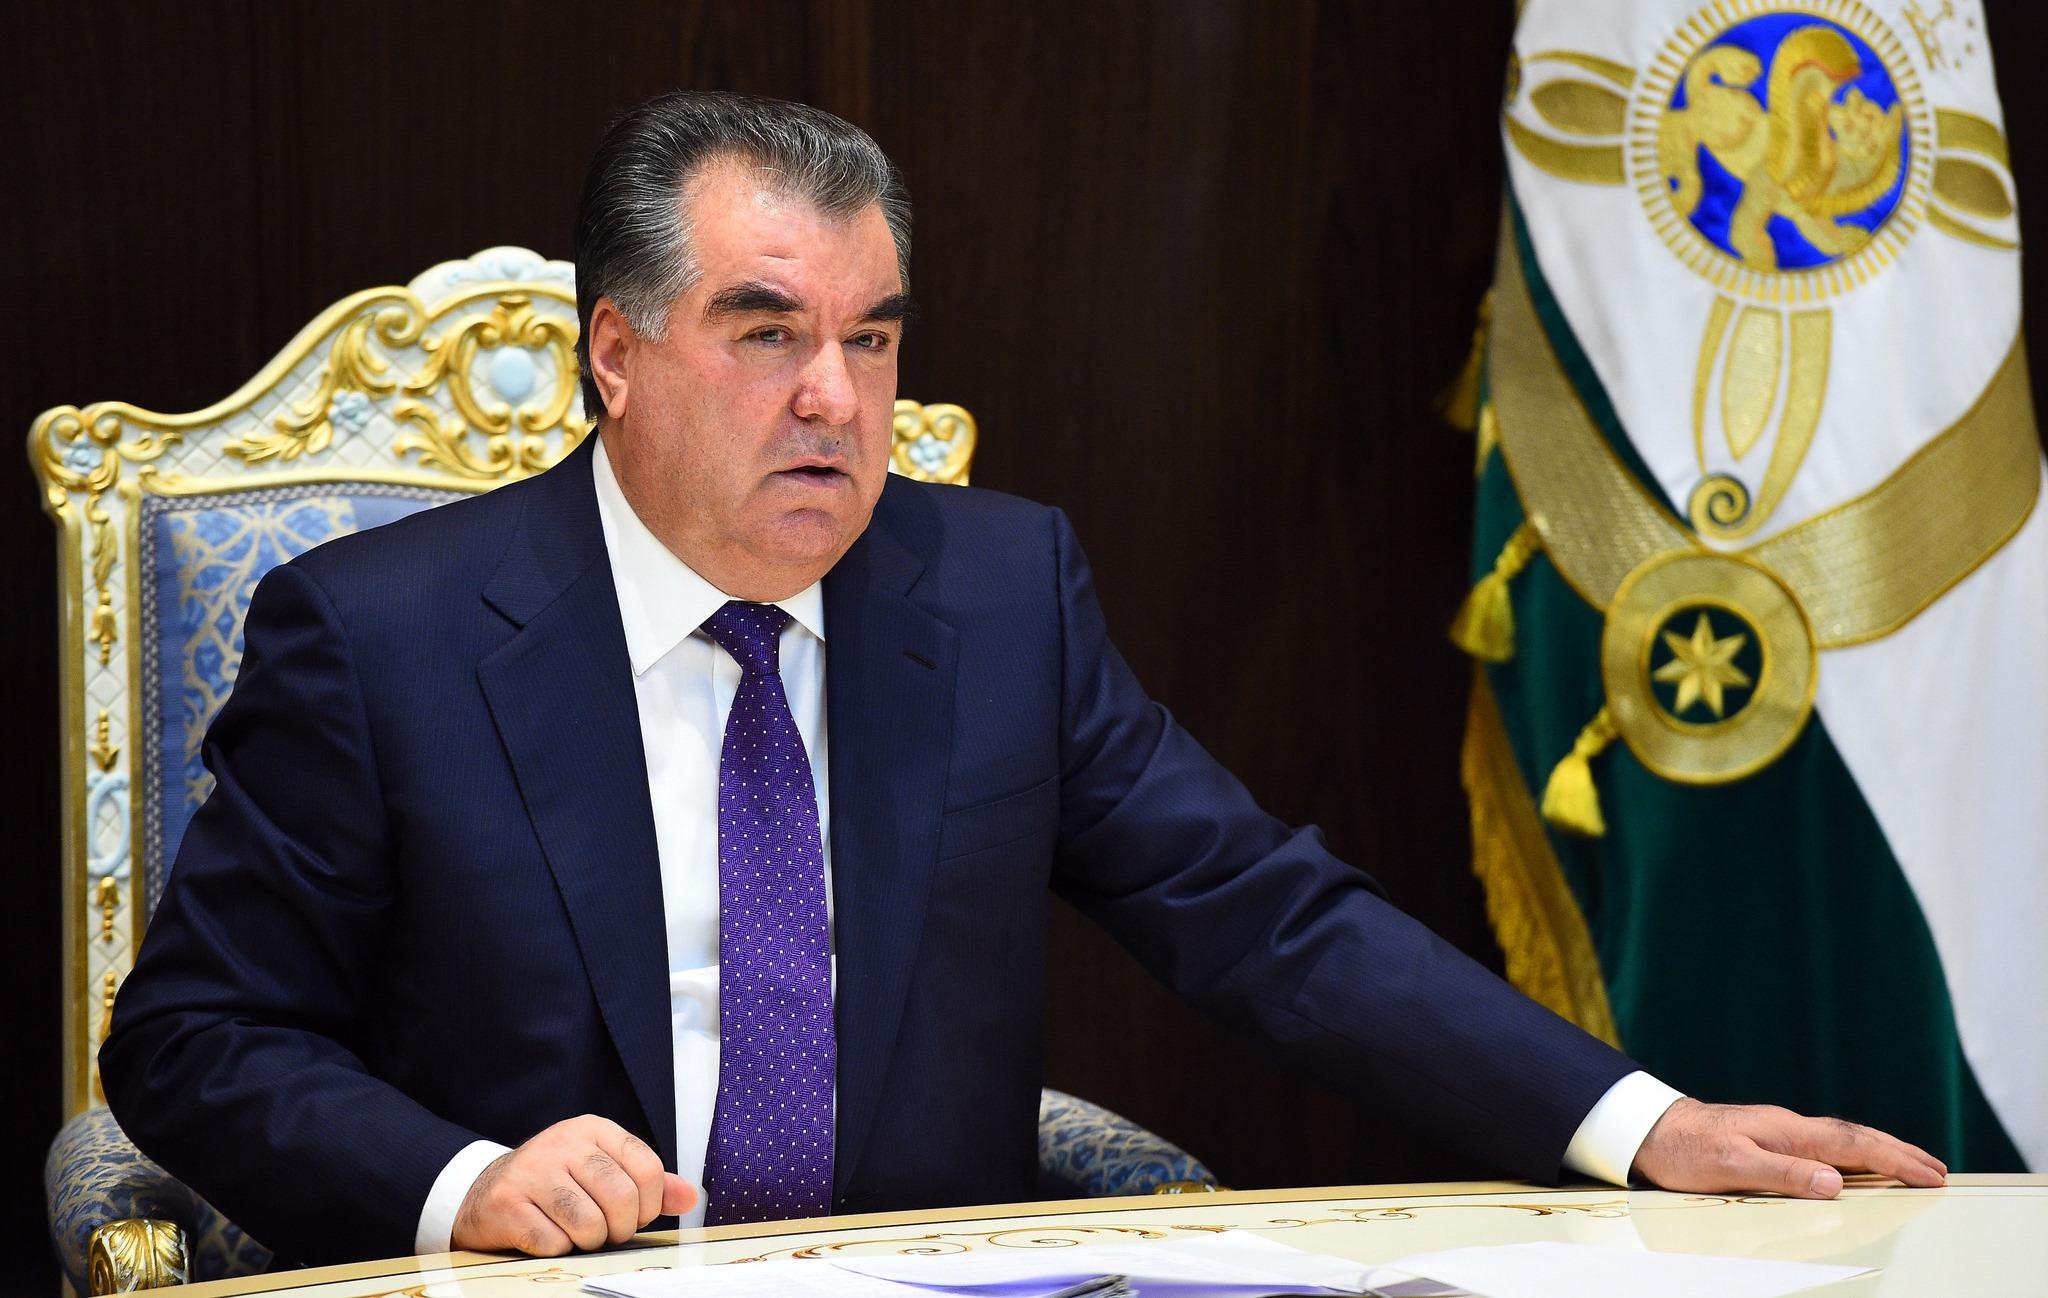 Эмомали Рахмон пожелал Касым-Жомарту Токаеву плодотворной работы на посту президента Казахстана